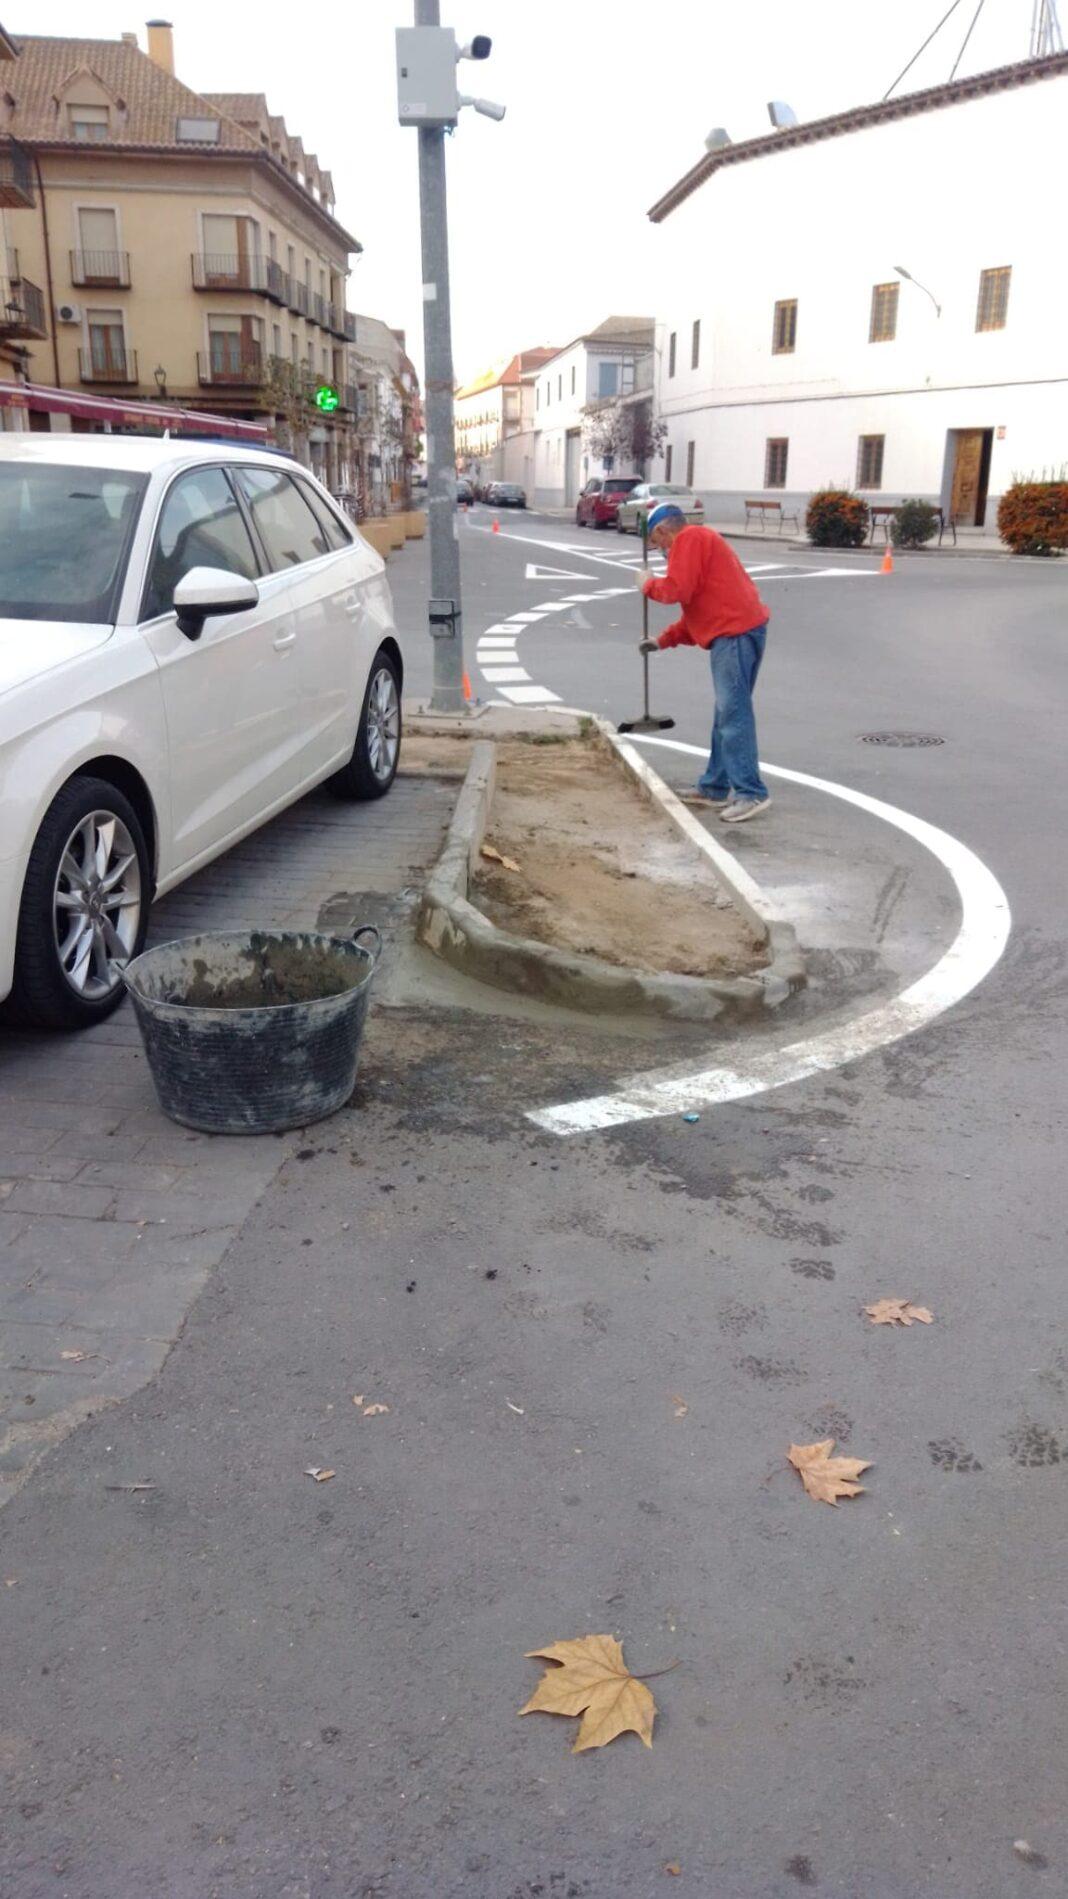 obras menores mantenimiento herencia 1 1068x1899 - Siguen las pequeñas obras de mantenimiento en Herencia